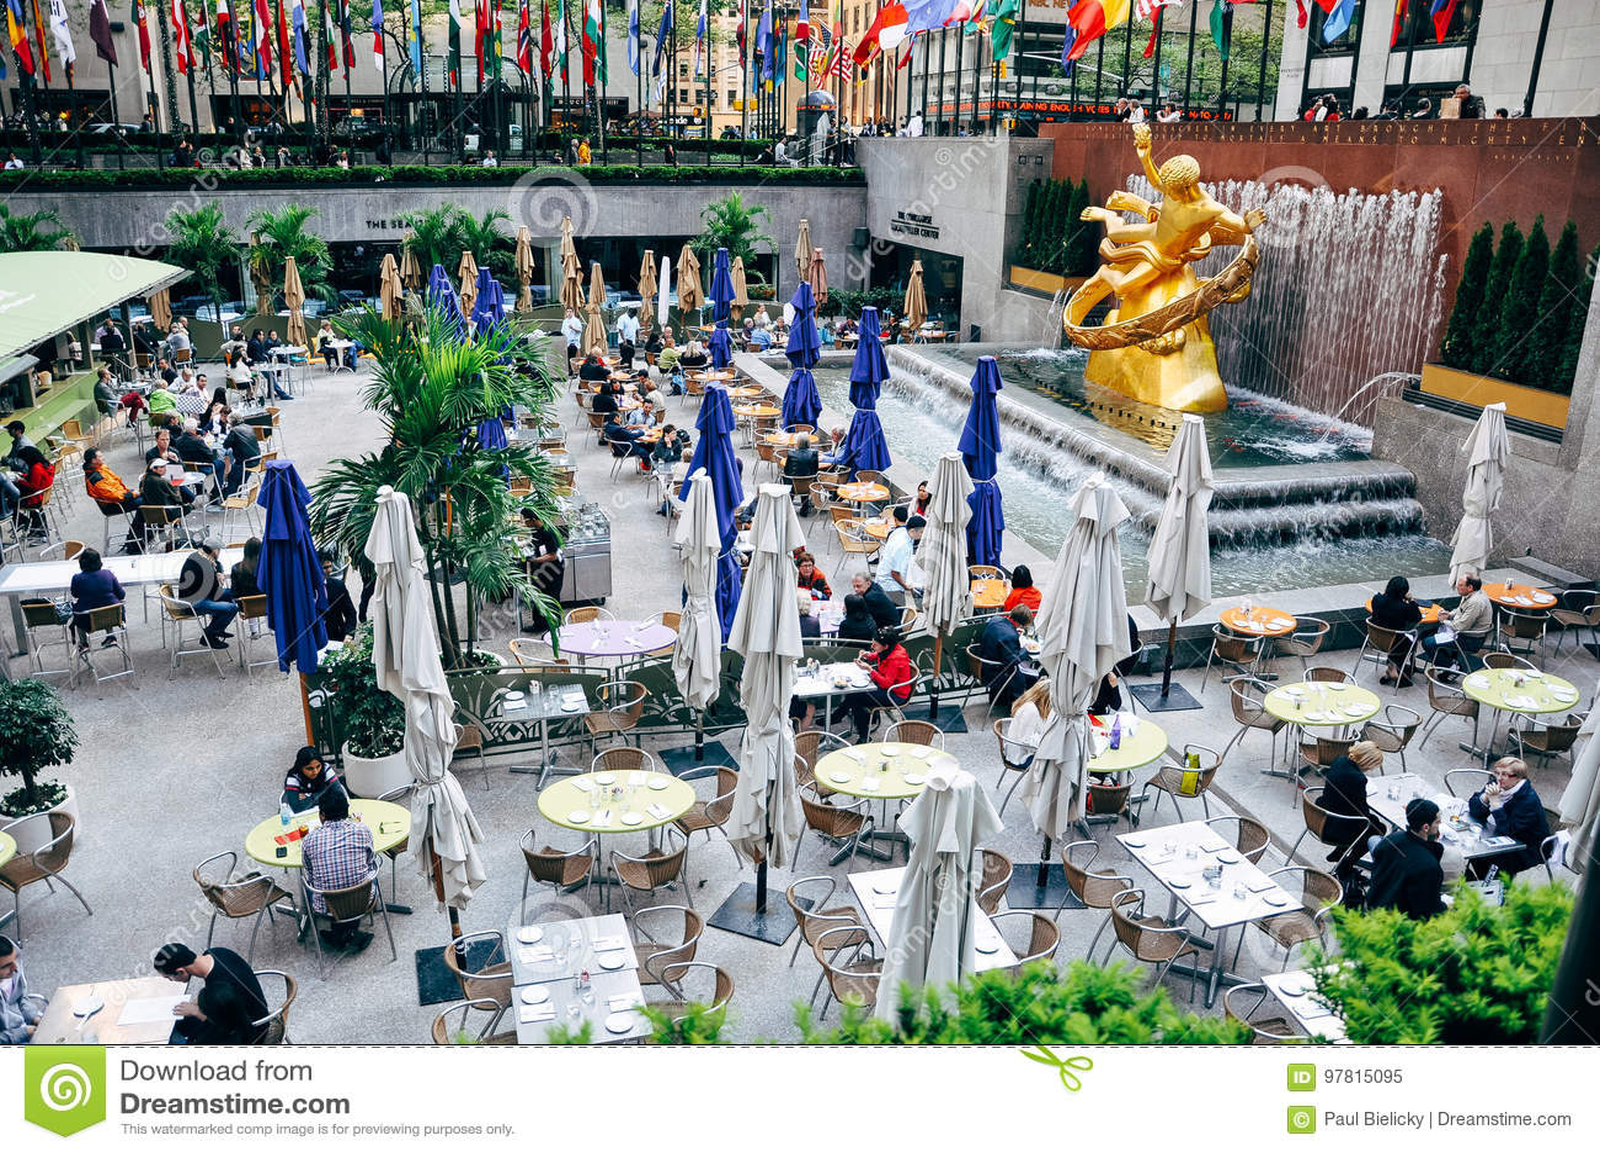 Rockefeller Center in New York City.